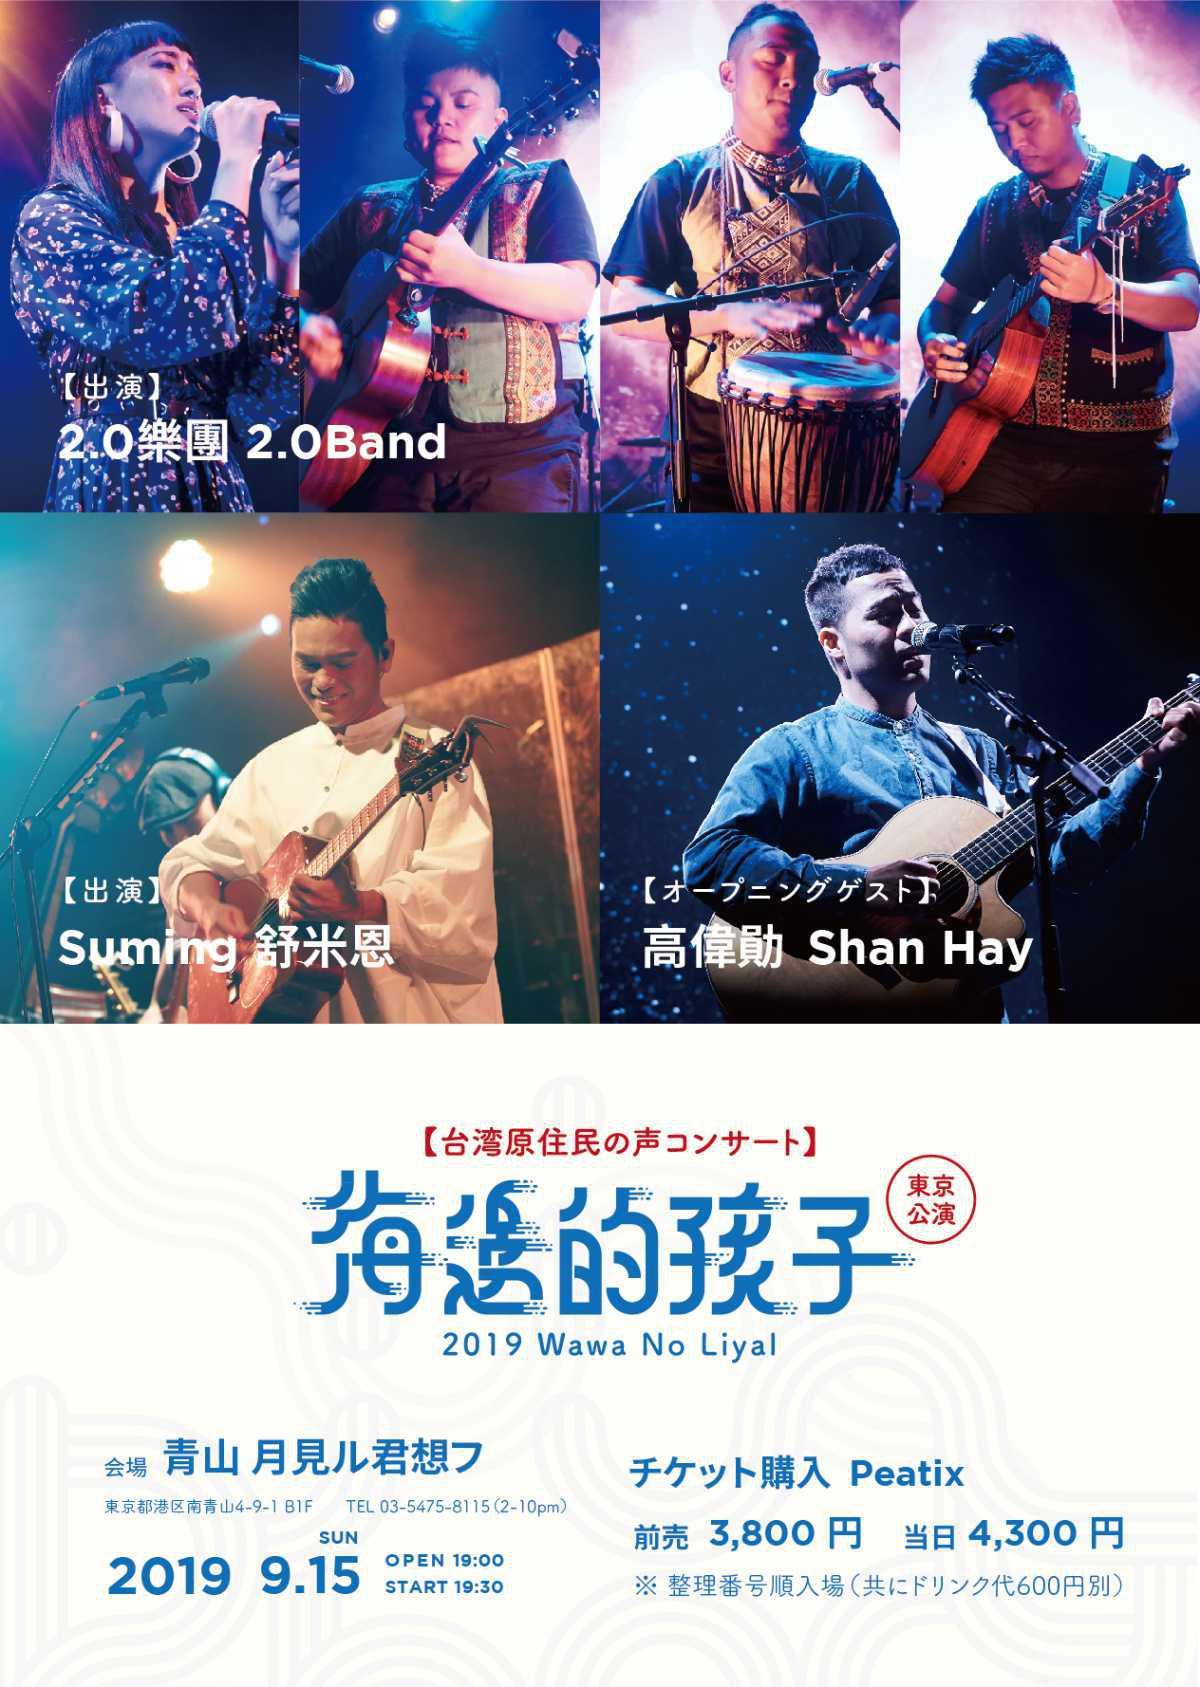 海邊的孩子-東京公演 2019